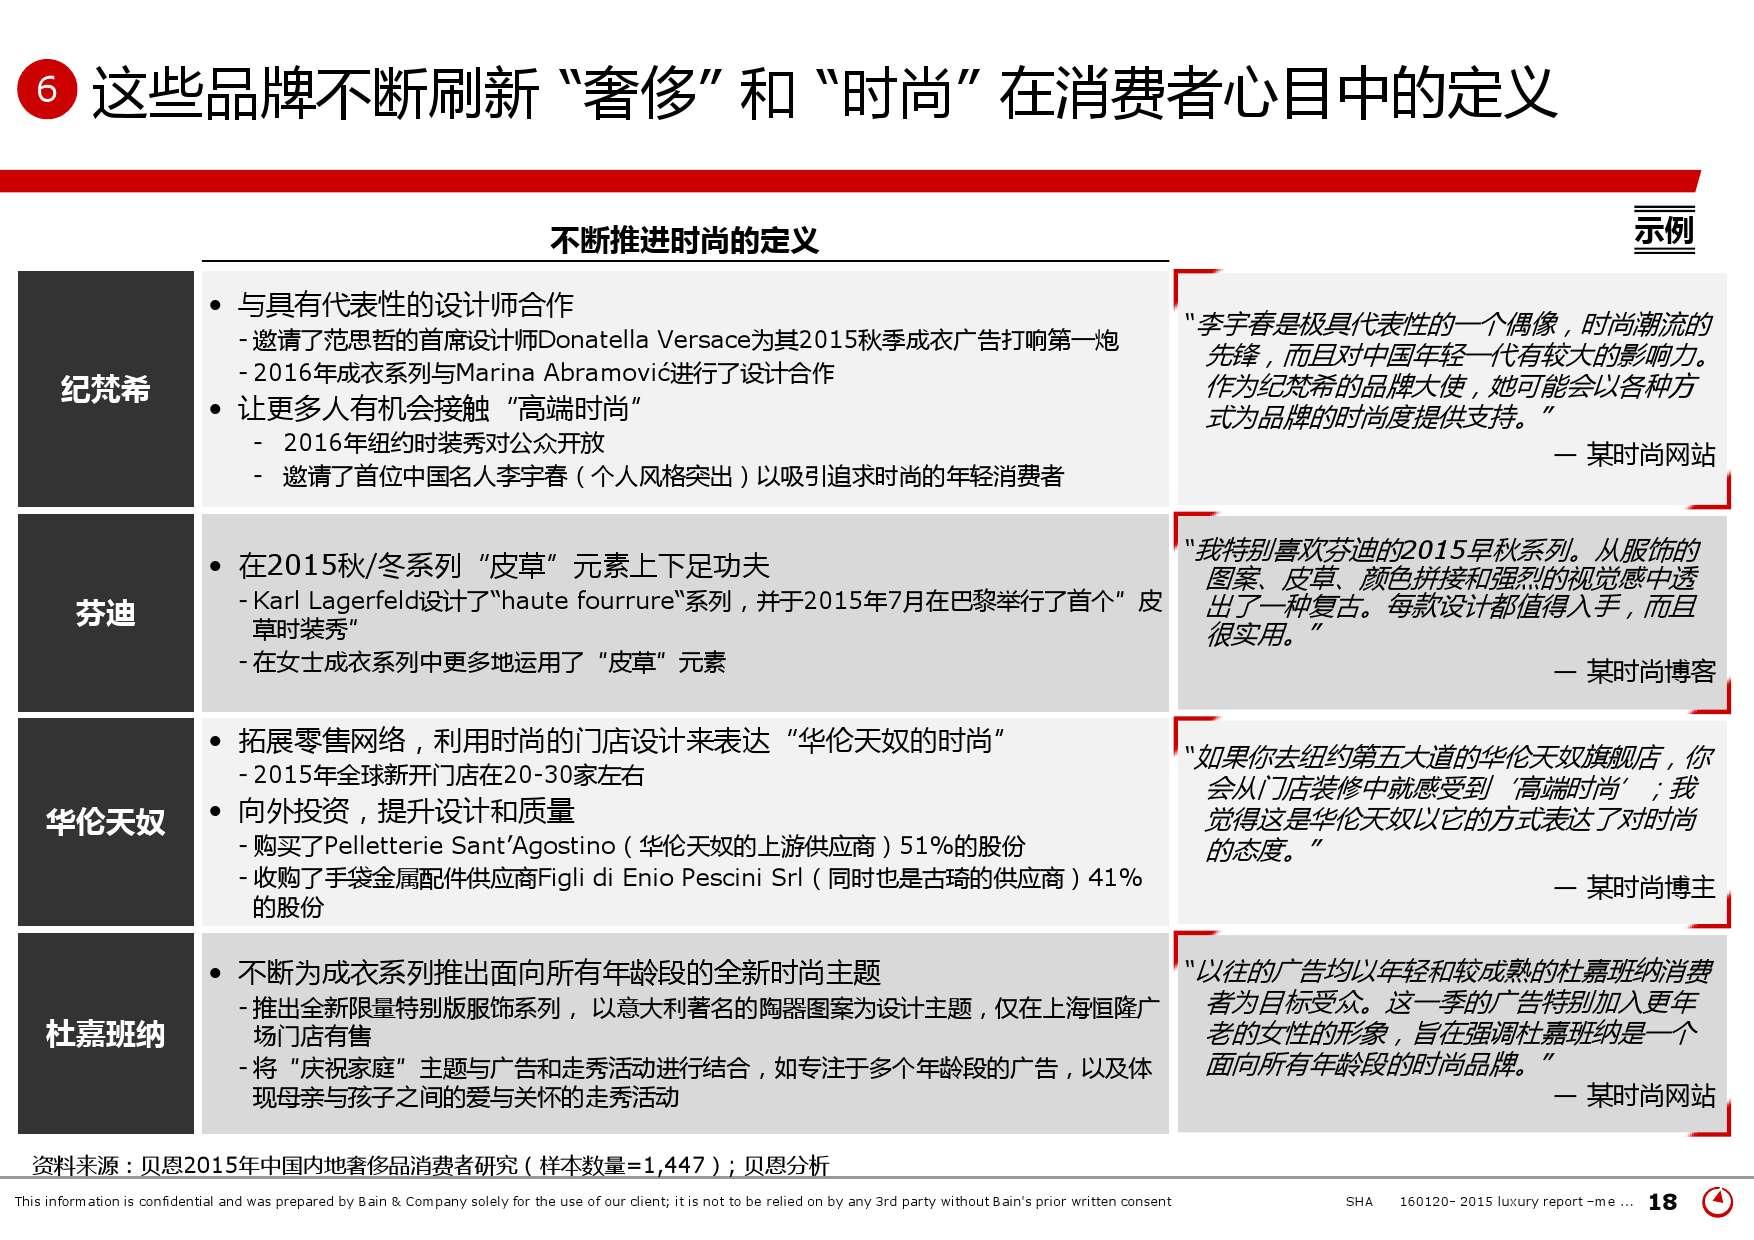 2015年中国奢侈品市场研究报告_000018